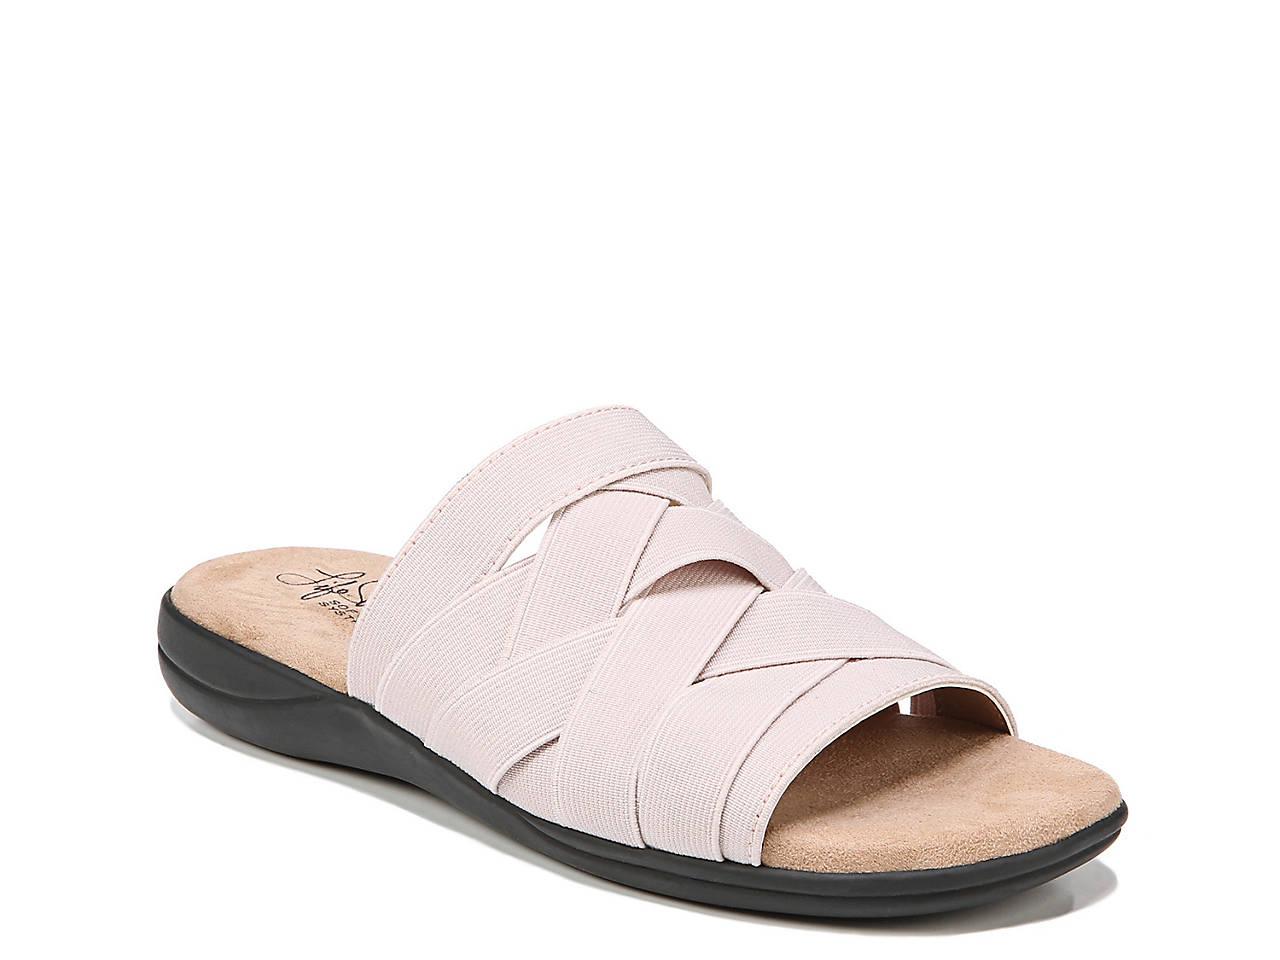 Gros Pas Cher Chaussures Lifestride Emilie Sandale Prix Pas Cher eA63GtrFoc